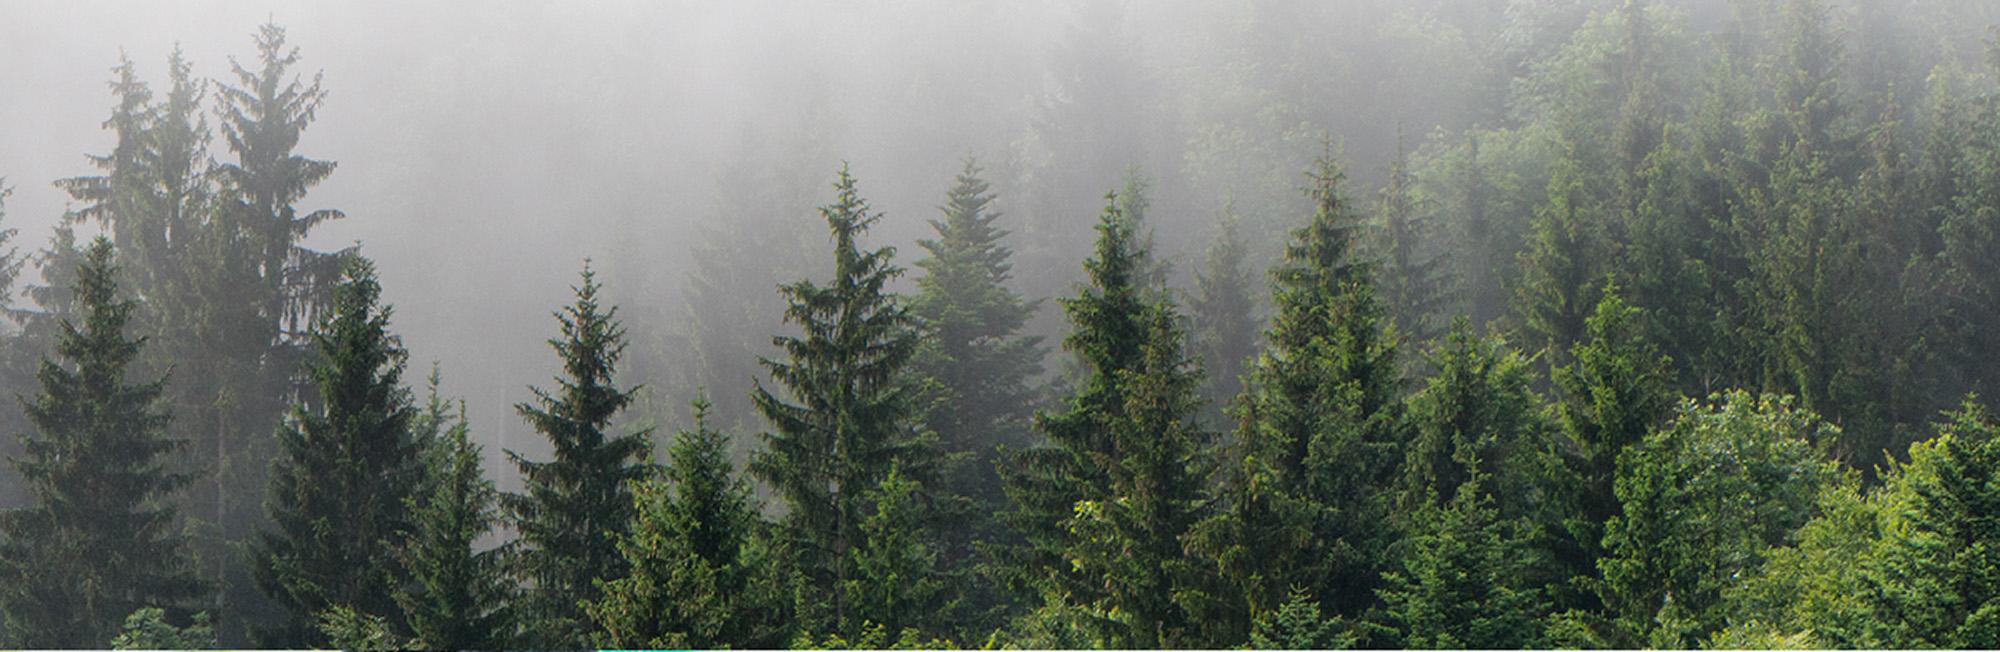 世界已消失了1.29億公頃的森林